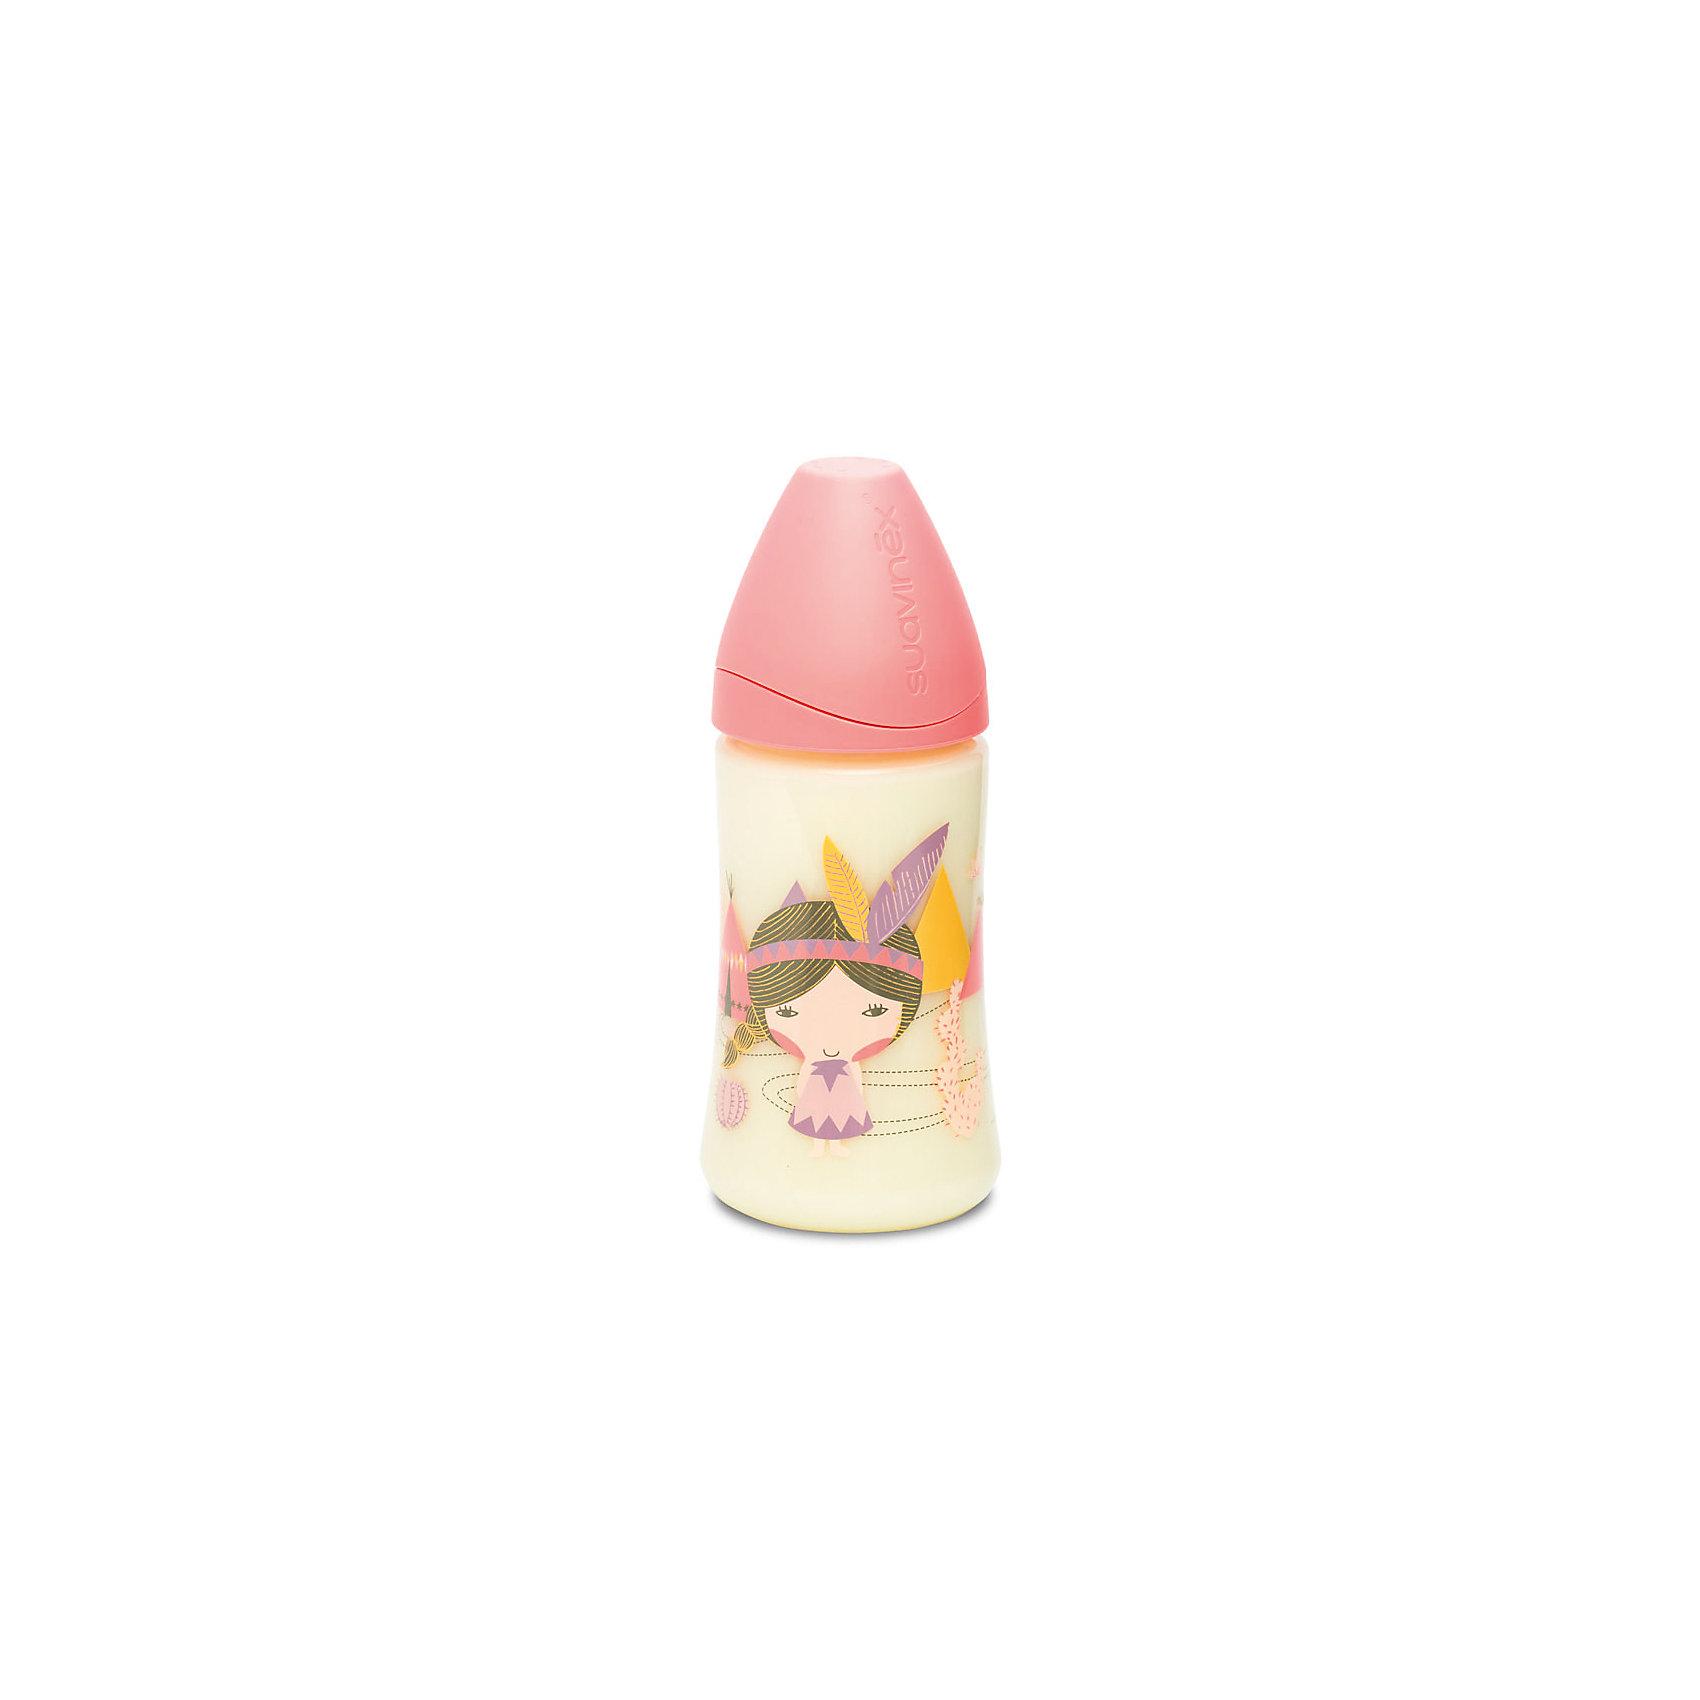 Бутылочка 270мл от 0мес с соской 3потока, Suavinex, розовый индеецБутылочки и аксессуары<br>Характеристики:<br><br>• Наименование: бутылка для кормления<br>• Рекомендуемый возраст: от 0 месяцев<br>• Пол: для девочки<br>• Объем: 270 мл<br>• Материал: латекс, пластик<br>• Цвет: розовый, коричневый, оранжевый<br>• Рисунок: индеец<br>• Форма соски: физиологическая<br>• Поток у соски: 3 уровня<br>• Комплектация: бутылочка, соска, колпачок<br>• Наличие антиколикового клапана<br>• Регулировка потока<br>• Горлышко бутылки адаптировано под любую форму соски данного производителя<br>• Вес: 105 г<br>• Параметры (Д*Ш*В): 7*7*17,3 см <br>• Особенности ухода: регулярная стерилизация и своевременная замена<br><br>Бутылка 270 мл от 0 мес с соской 3 потока, Suavinex, розовый индеец изготовлена испанским торговым брендом, специализирующимся на выпуске товаров для кормления новорожденных и младенцев. Продукция от Suavinex разработана с учетом рекомендаций педиатров и стоматологов, что гарантирует не только качество и безопасность использованных материалов, но и обеспечивает правильное формирование неба. <br><br>Бутылочка выполнена с широким горлышком, что облегчает уход за ней. Латексная соска классической формы длительное время сохраняет свои свойства: не рассасывается и не слипается во время кормления. У соски предусмотрено три потока: от медленного до быстрого. <br><br>Выполнена бутылка в брендовом дизайне с изображением индейца. Рисунок устойчив к появлениям царапин и выгоранию цвета даже при частой стерилизации. Бутылка 270 мл от 0 мес с соской 3 потока, Suavinex, розовый индеец станет непревзойденным аксессуаром для кормления вашего малыша.<br><br>Бутылку 270 мл от 0 мес с соской 3 потока, Suavinex, розовый индеец можно купить в нашем интернет-магазине.<br><br>Ширина мм: 70<br>Глубина мм: 70<br>Высота мм: 173<br>Вес г: 105<br>Возраст от месяцев: 0<br>Возраст до месяцев: 24<br>Пол: Женский<br>Возраст: Детский<br>SKU: 5451280